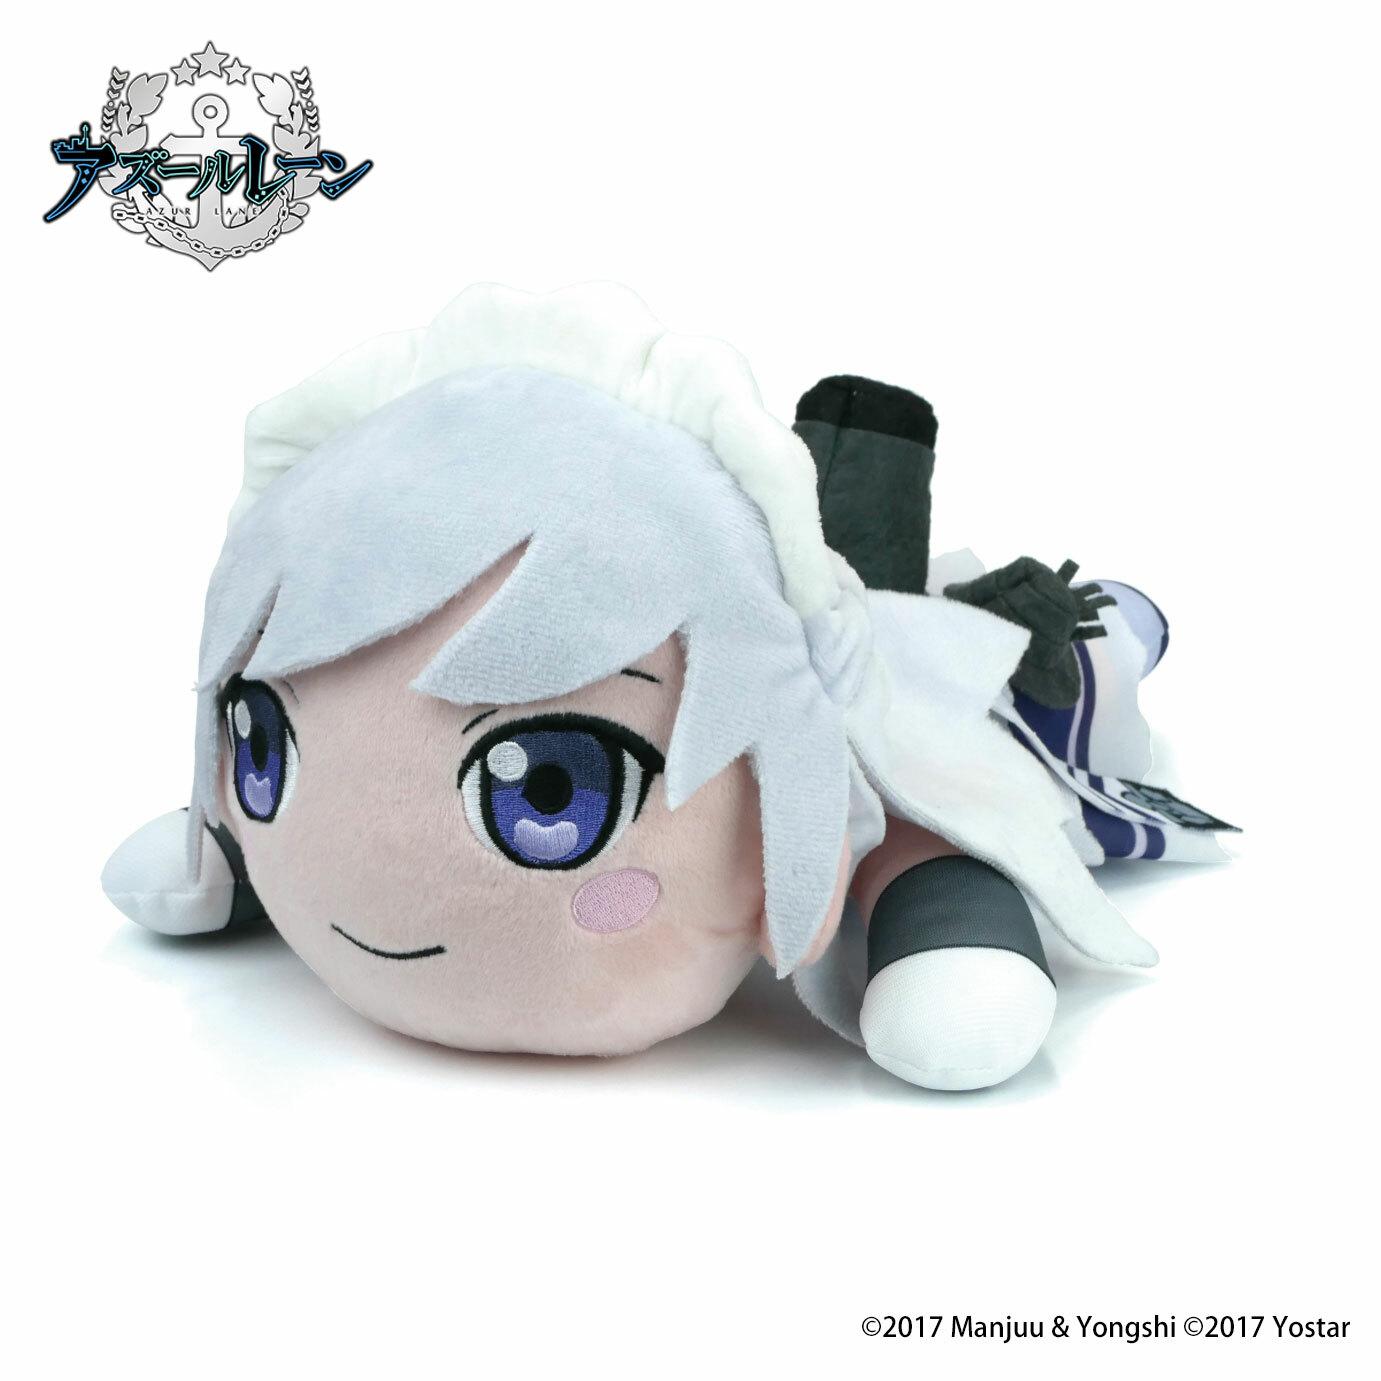 アズールレーン 寝ころび人形『ベルファスト』グッズ-001